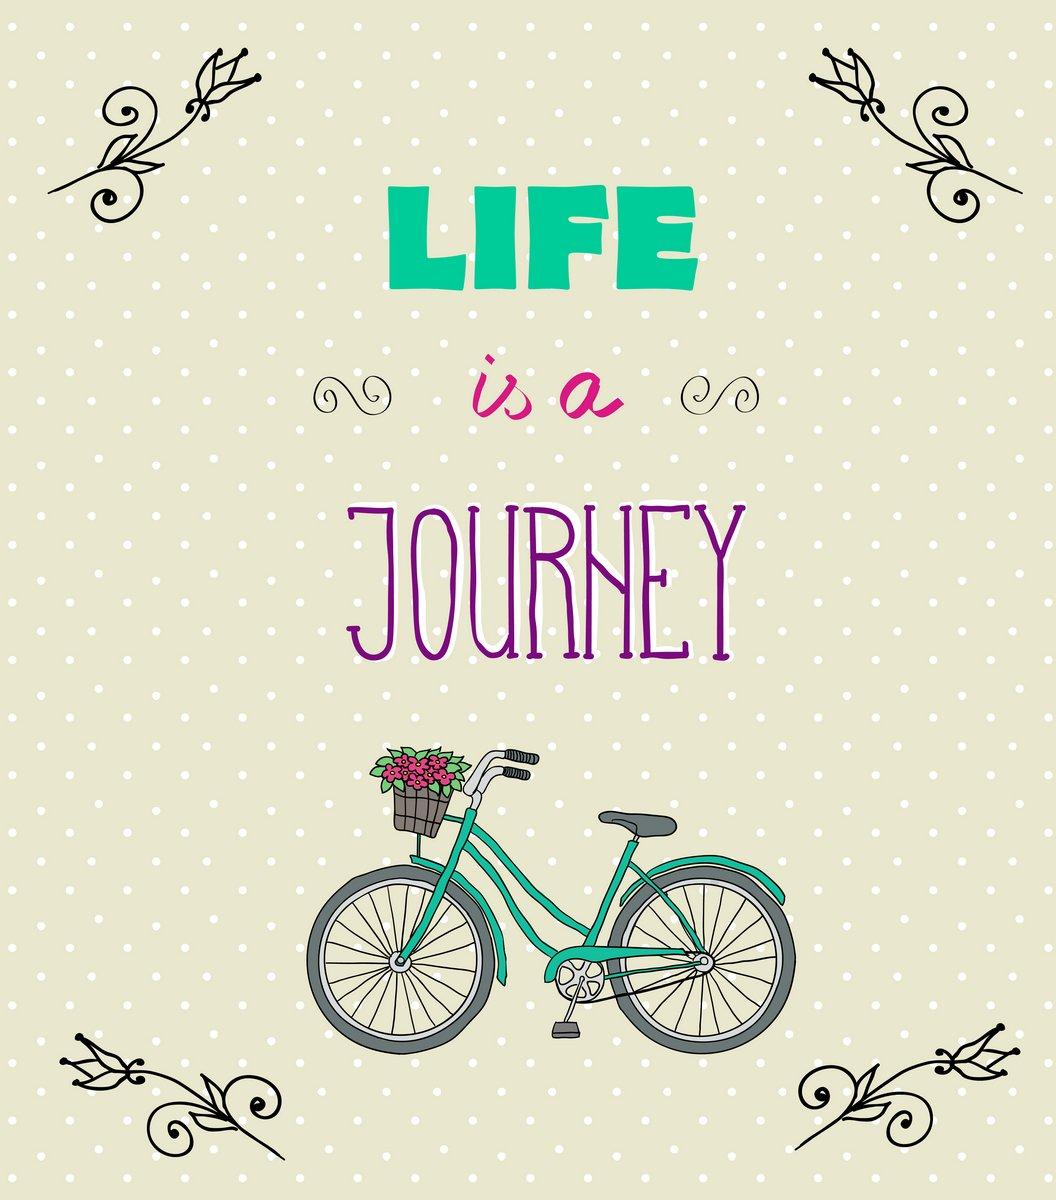 Постер-картина Мотивационный плакат Мотивационные цитаты, жизнь-это путешествиеМотивационный плакат<br>Постер на холсте или бумаге. Любого нужного вам размера. В раме или без. Подвес в комплекте. Трехслойная надежная упаковка. Доставим в любую точку России. Вам осталось только повесить картину на стену!<br>